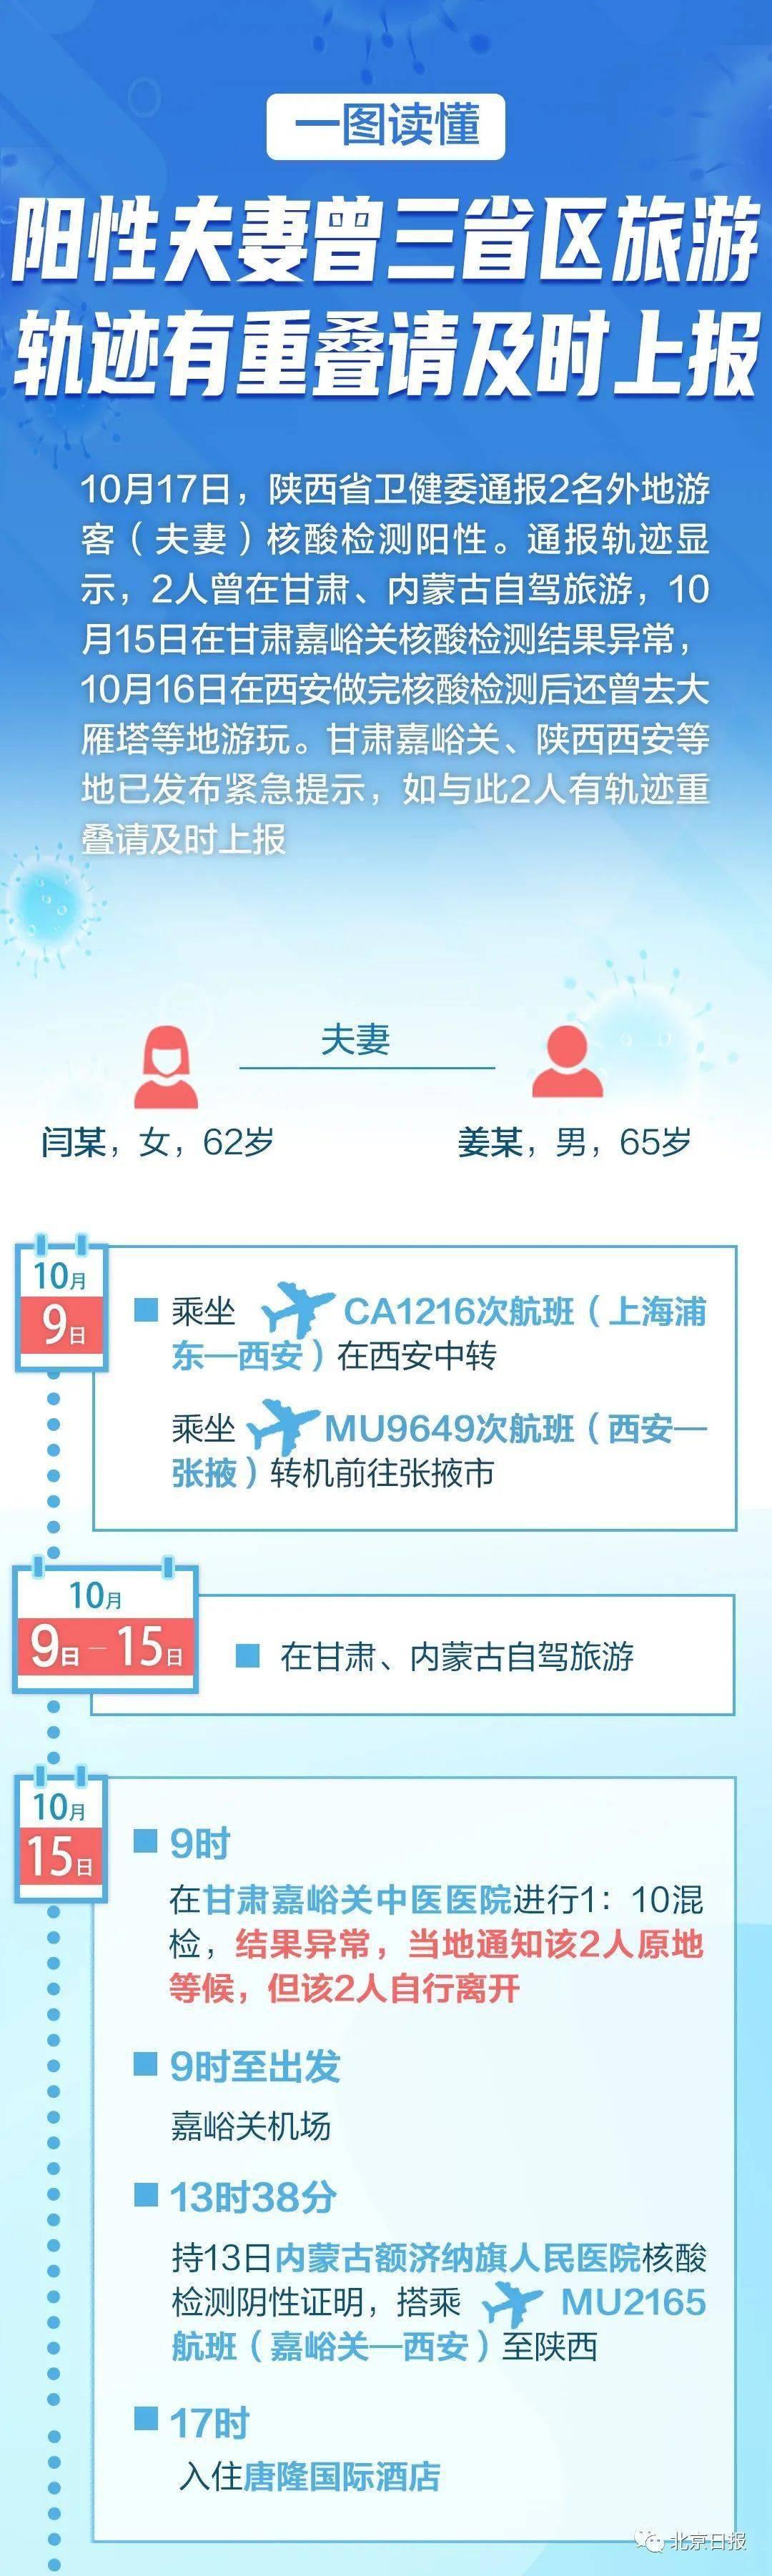 银川新增一确诊,为离沪旅游夫妻密接,多地疾控紧急提醒,有重叠及时上报